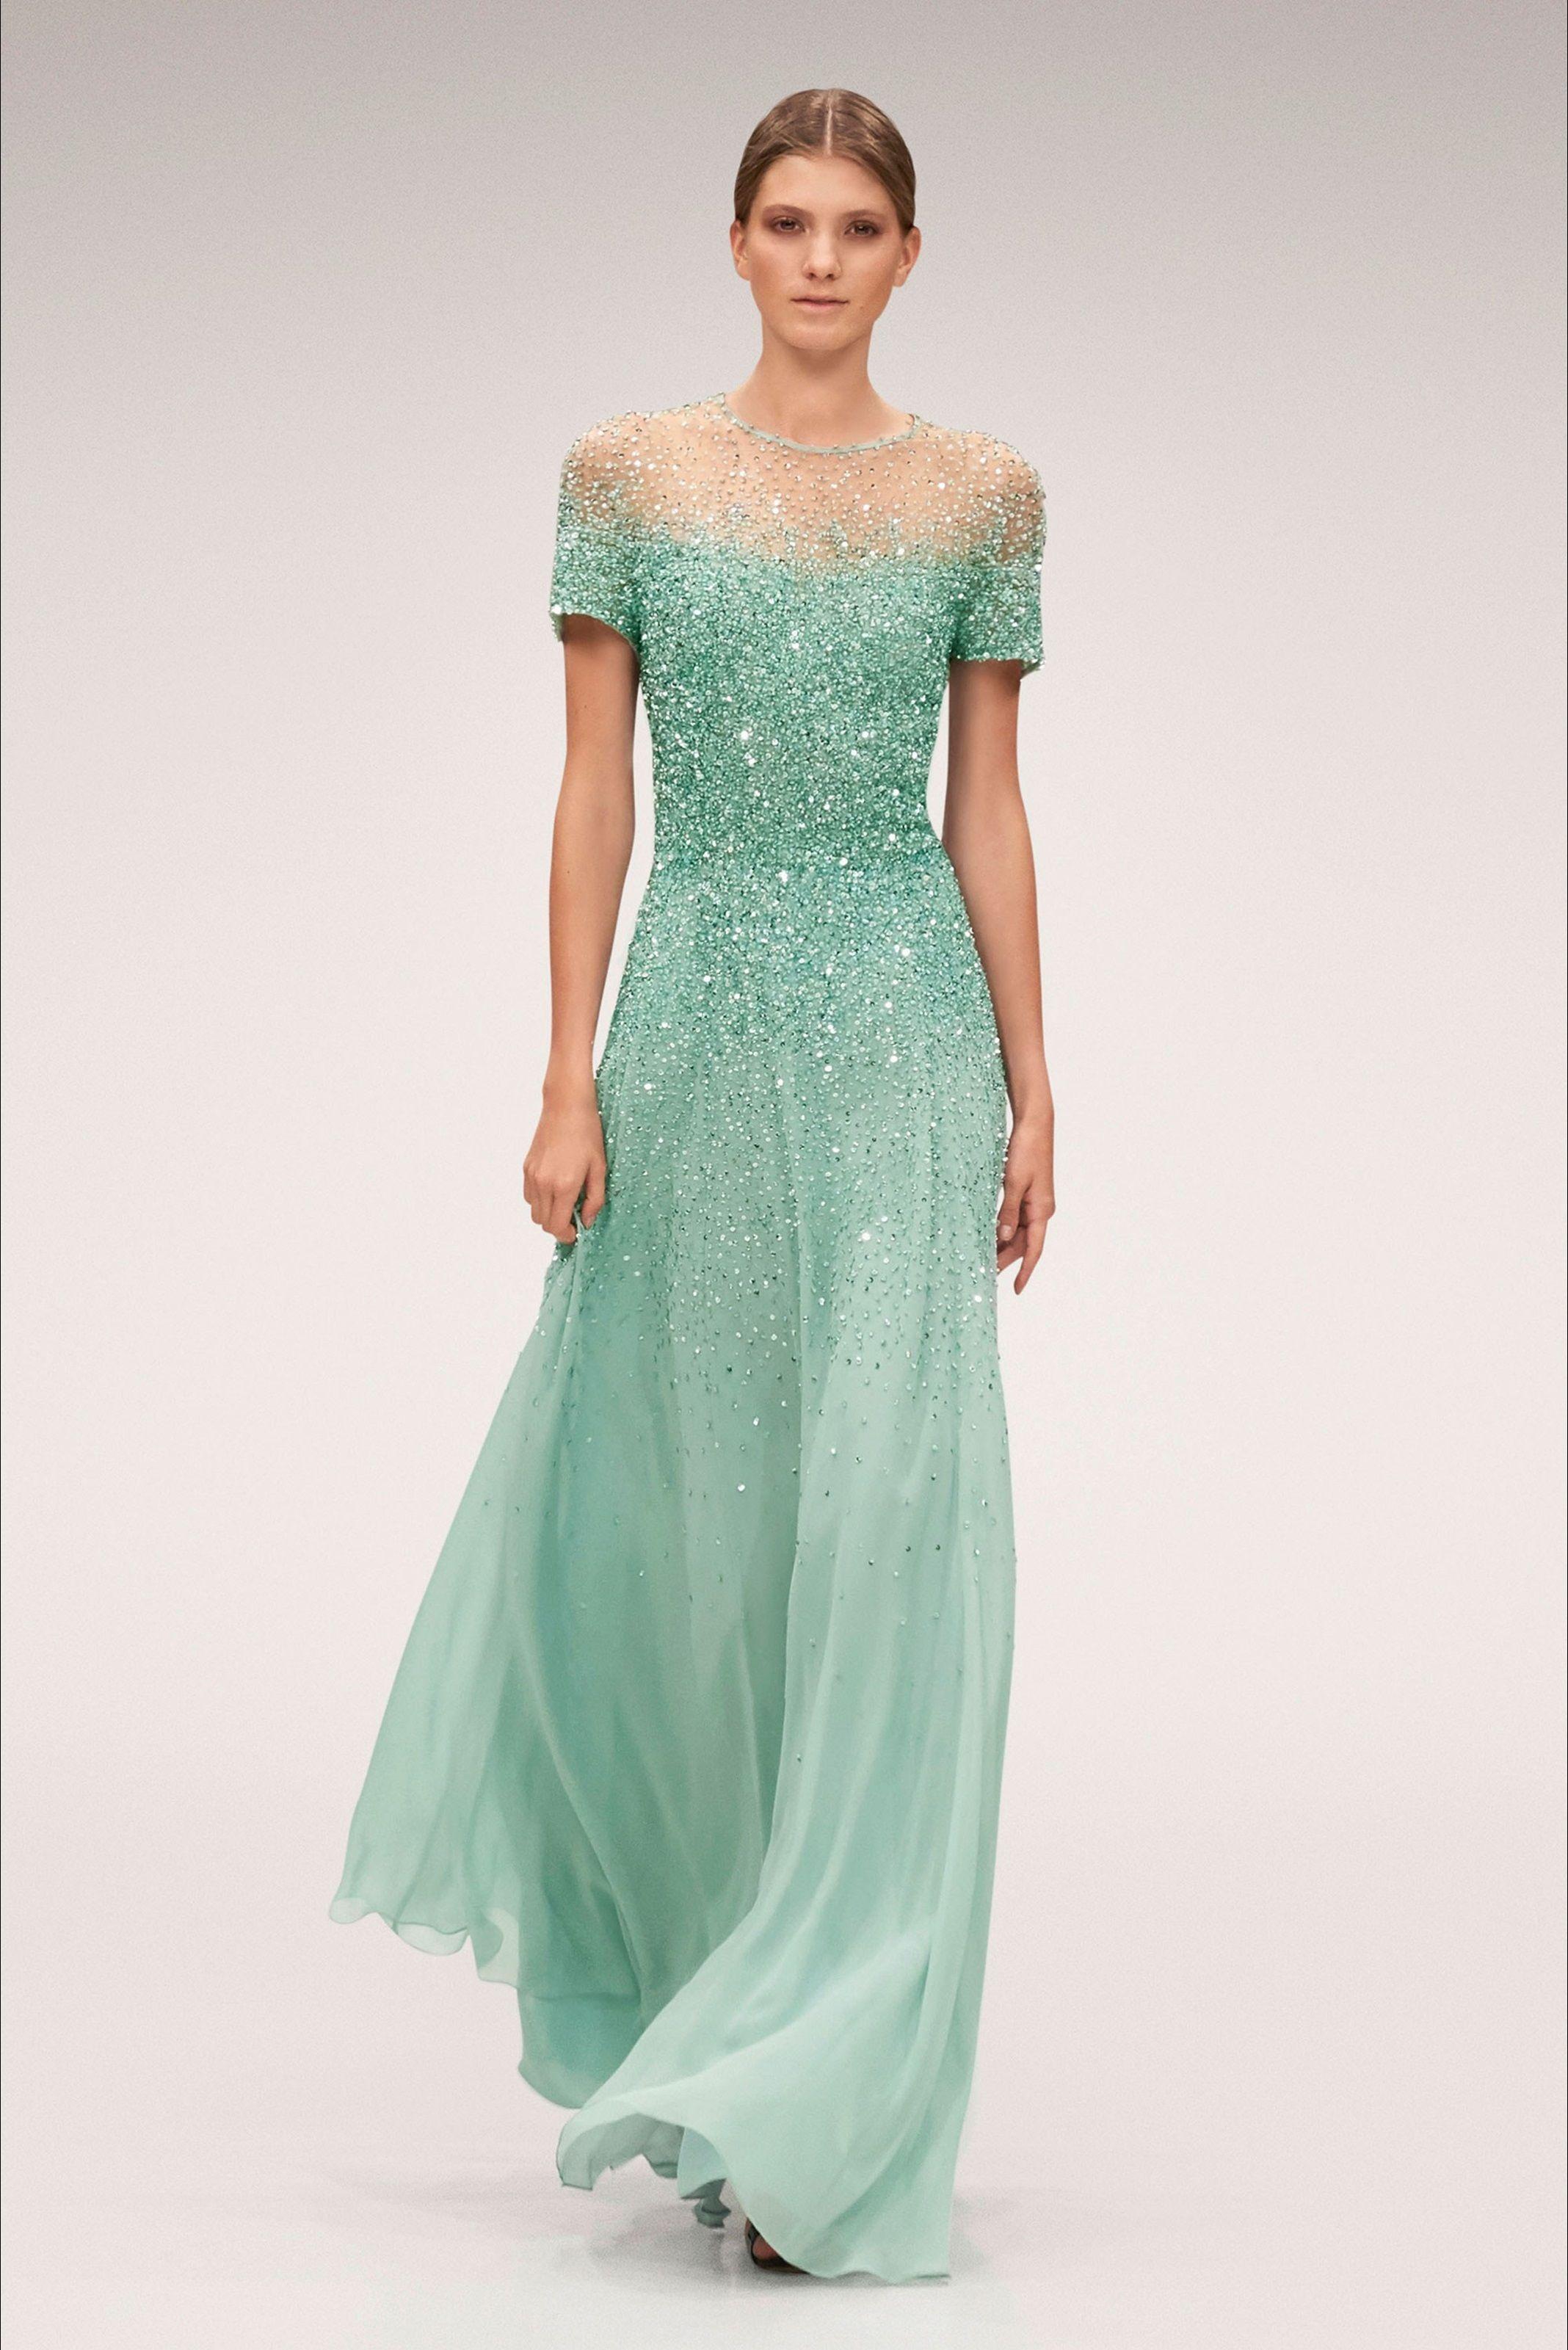 Abiti Eleganti 2018 Primavera Estate.Sfilata Escada New York Collezioni Primavera Estate 2018 Vogue